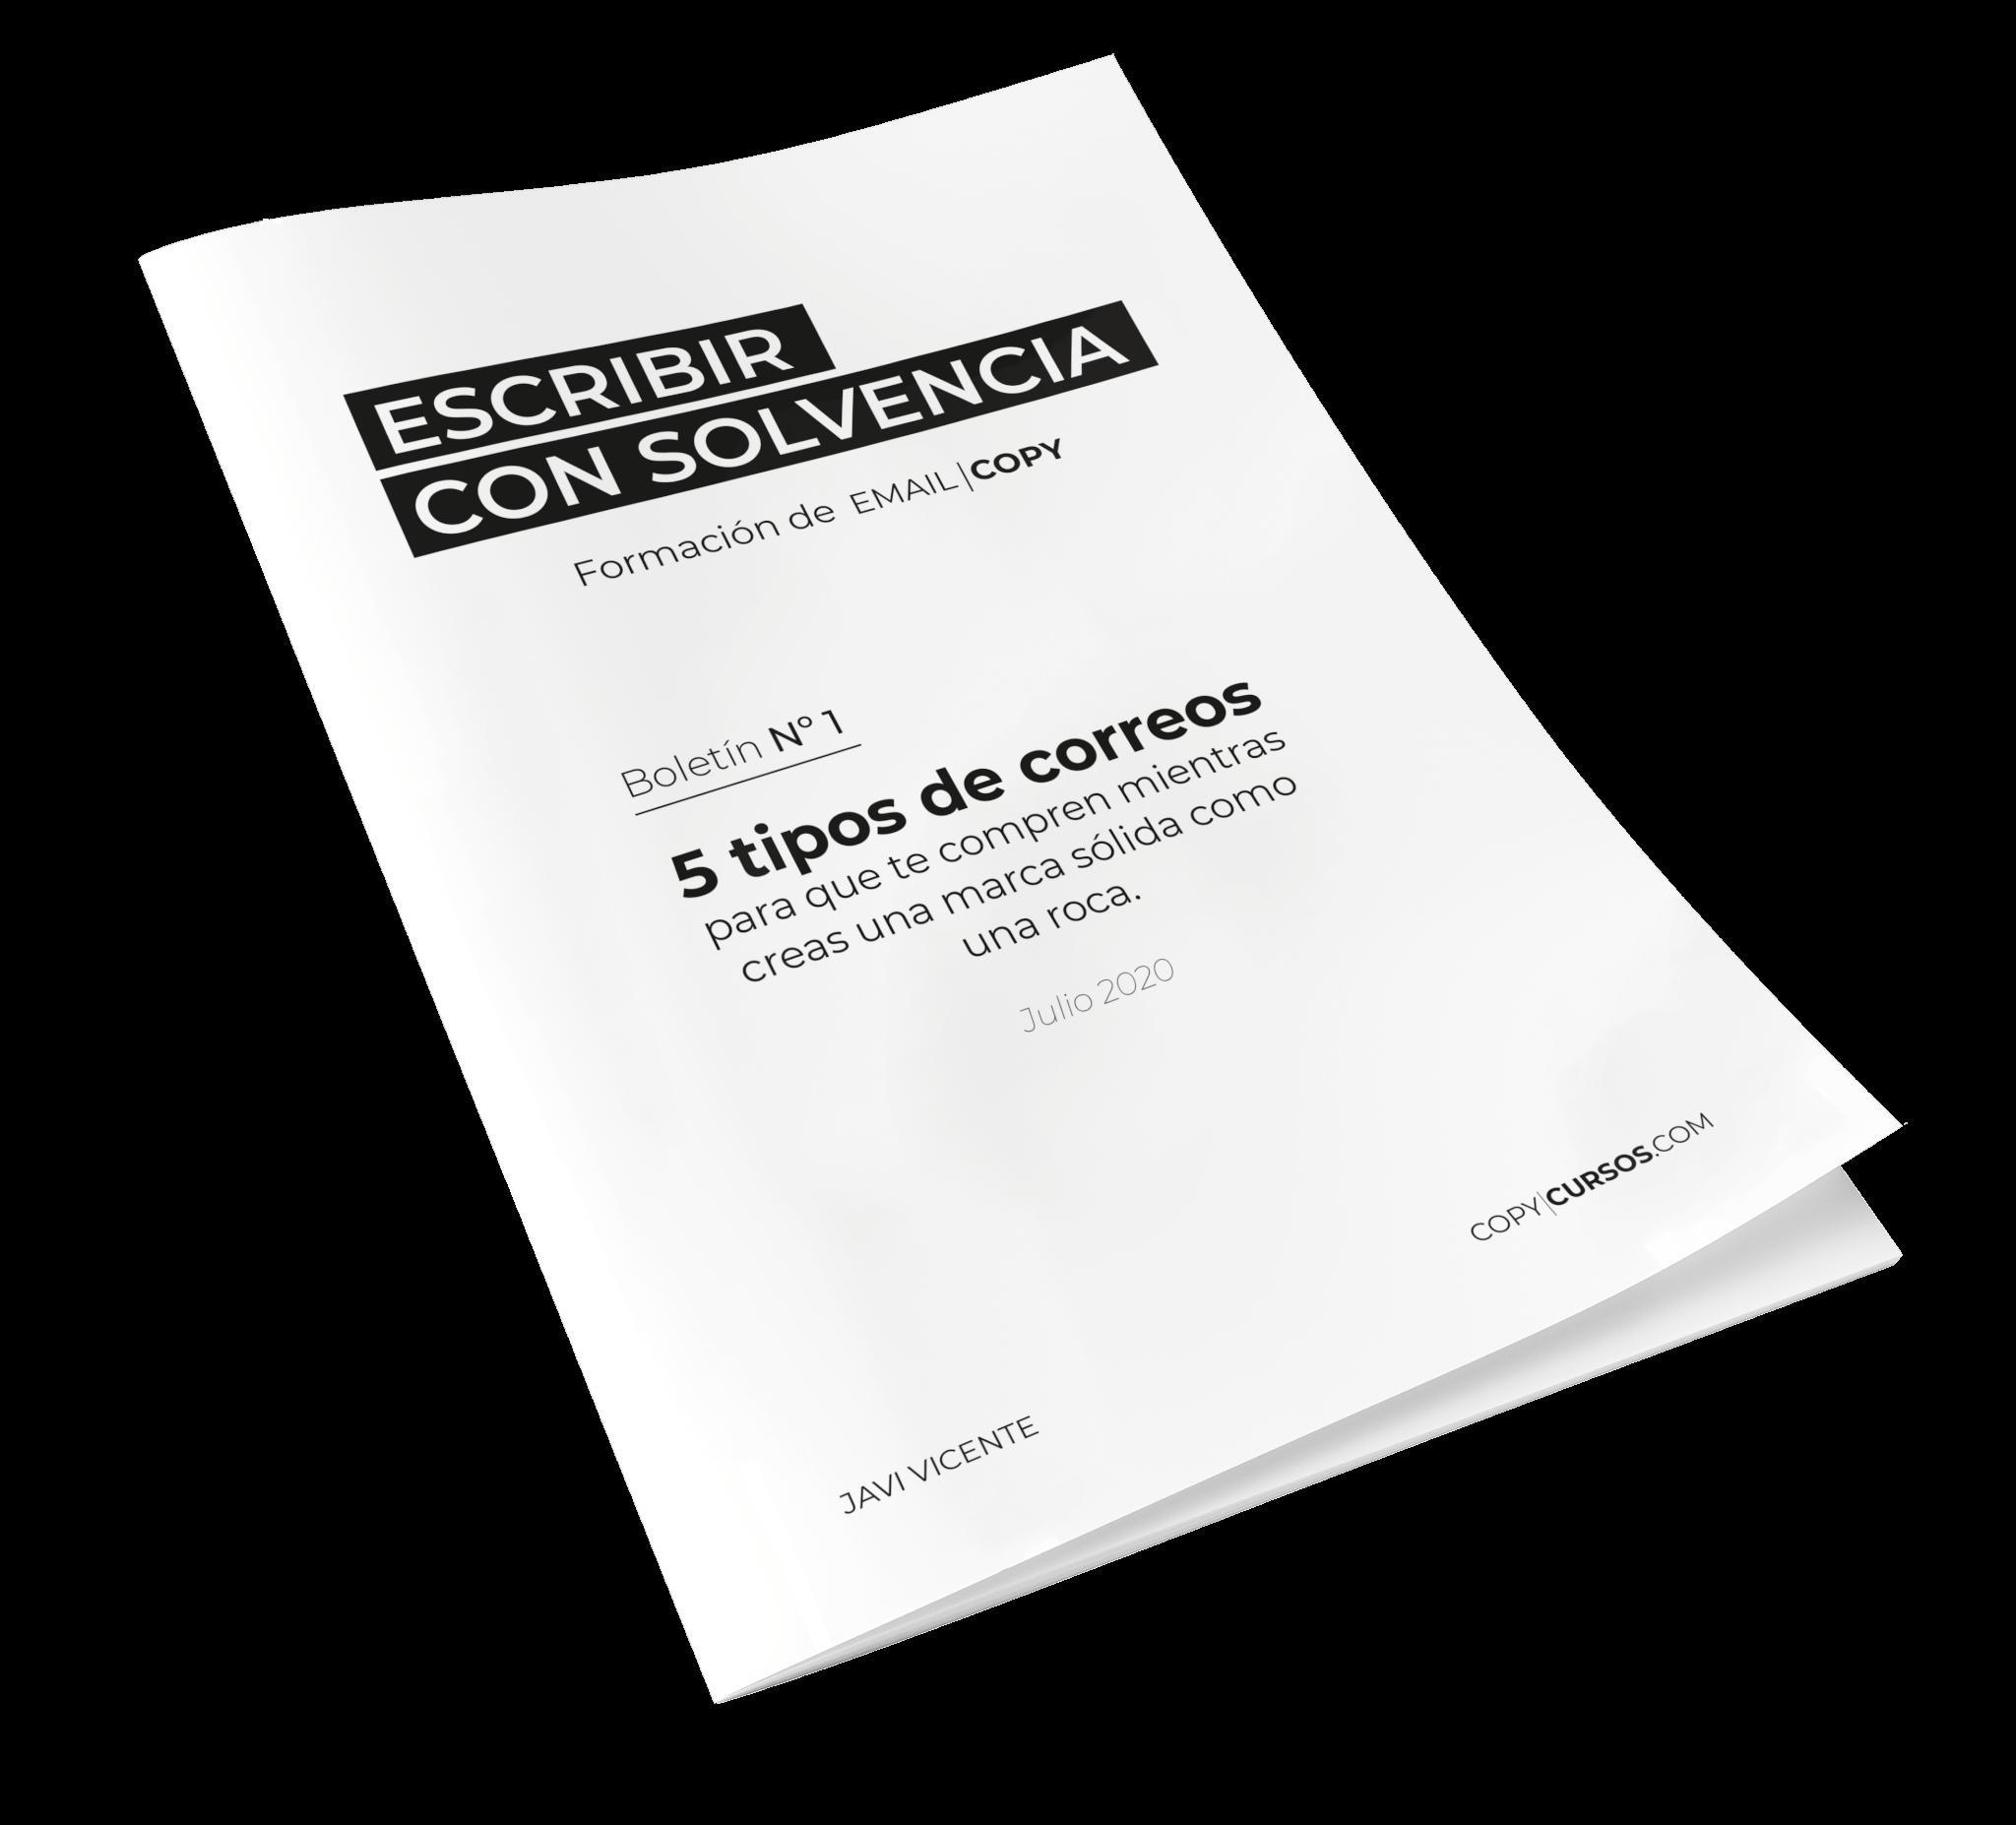 Boletín de ESCRIBIR CON SOLVENCIA